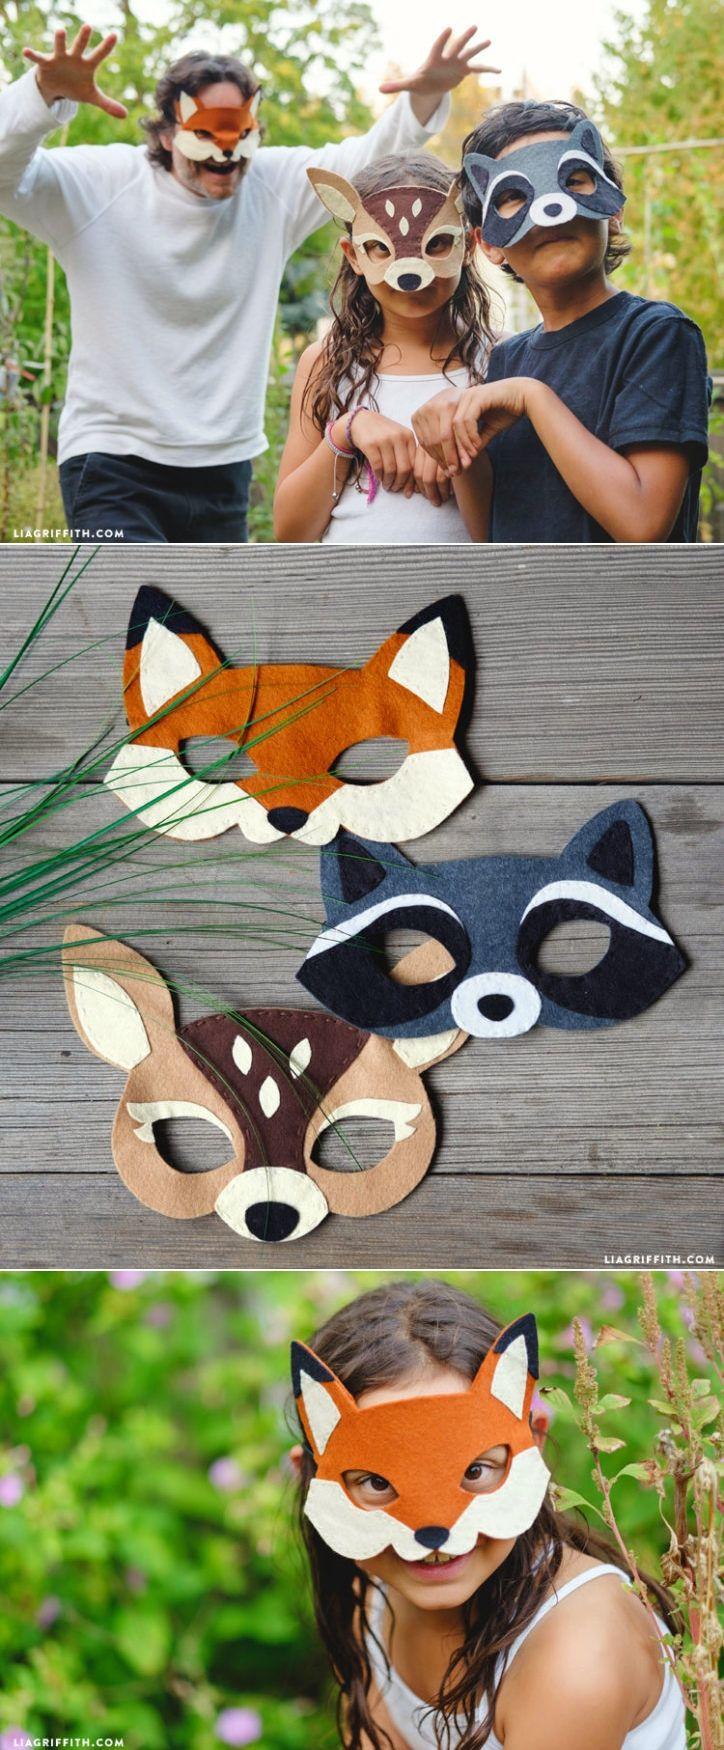 #feltmasks #feltcrafts #kidscraft #masks #videotutorial www.LiaGriffith.com